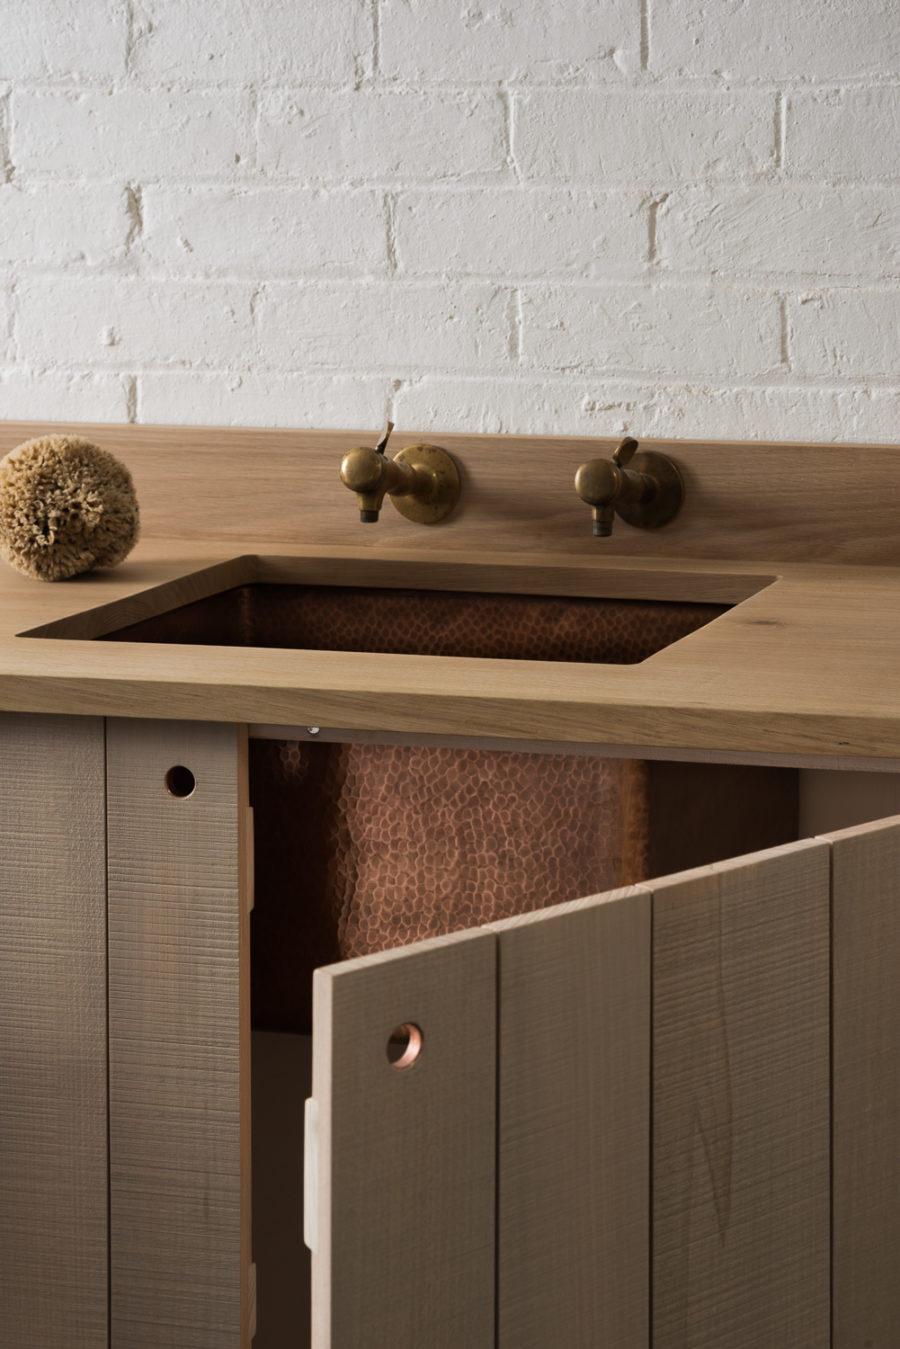 Оригинальный дизайн раковин для кухни - раковина из чеканной меди